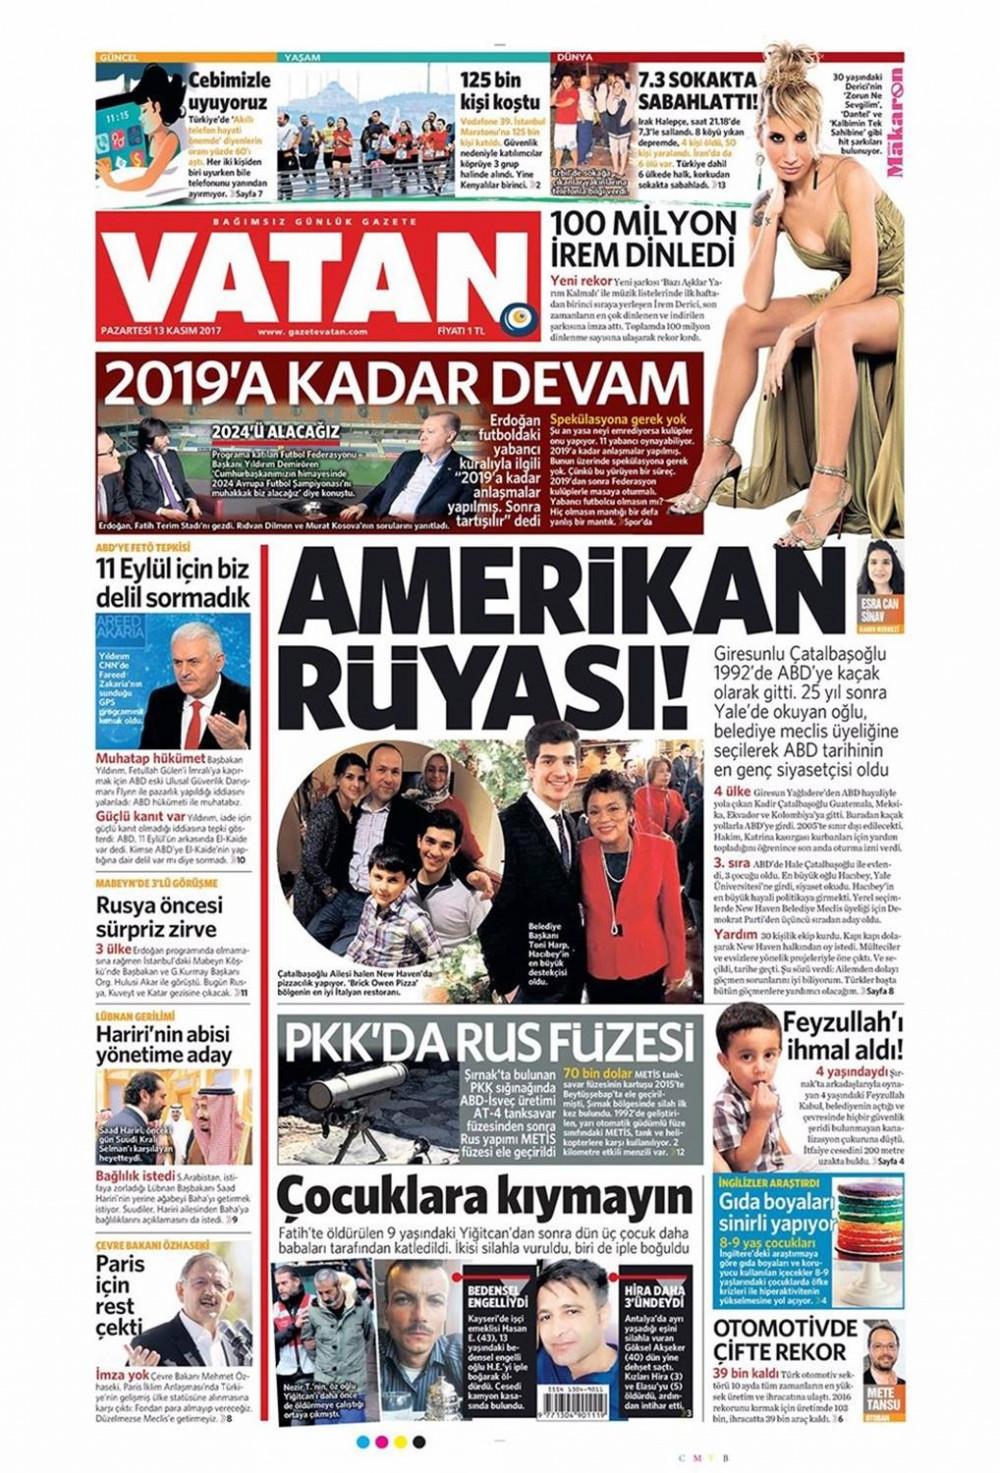 Günün gazete manşetleri (13 Kasım 2017)